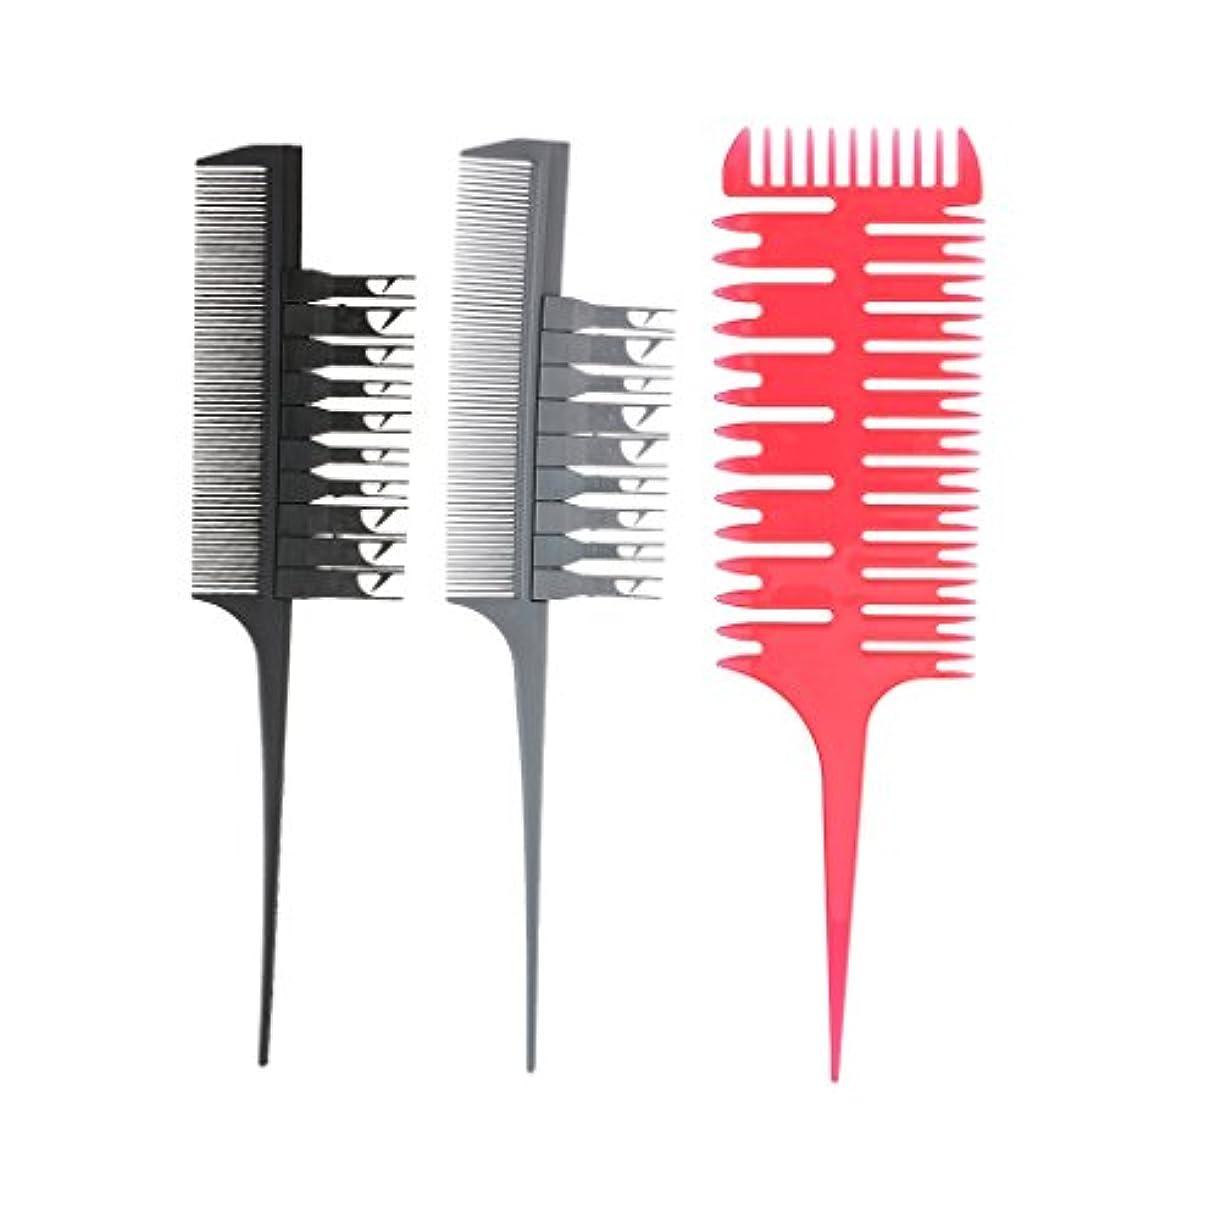 シガレット旅客取るに足らないGeneric 3ピースプロフェッショナル理髪セクショニング織りハイライトカラーリングサロン染色バレヤージュヘアコームツールセット付き交換可能ピックアップフック